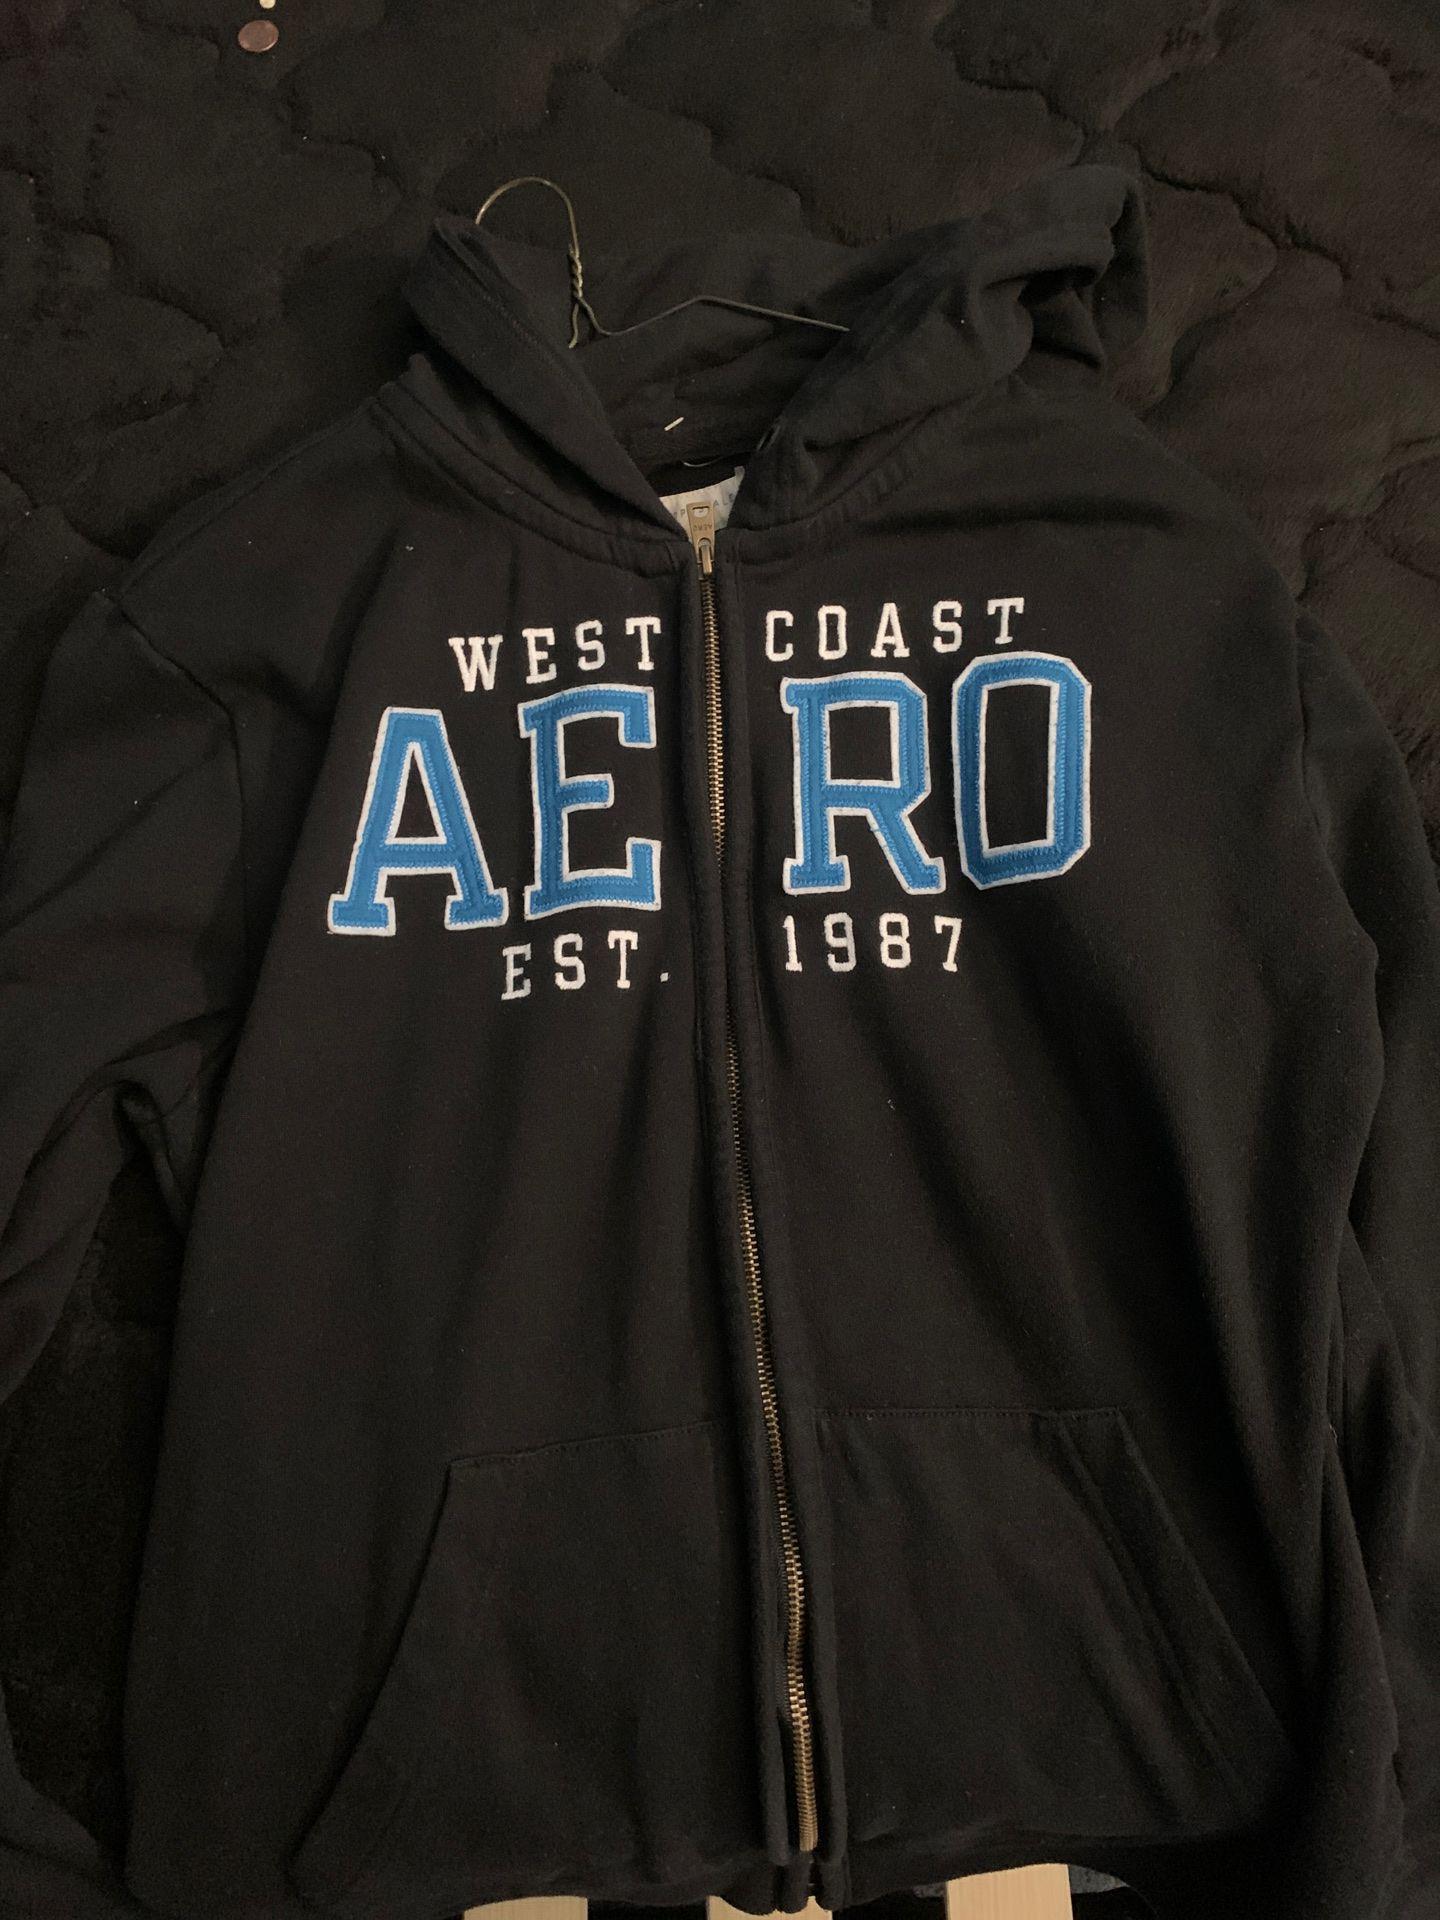 West Coast Aeropostale Zip Up Jacket